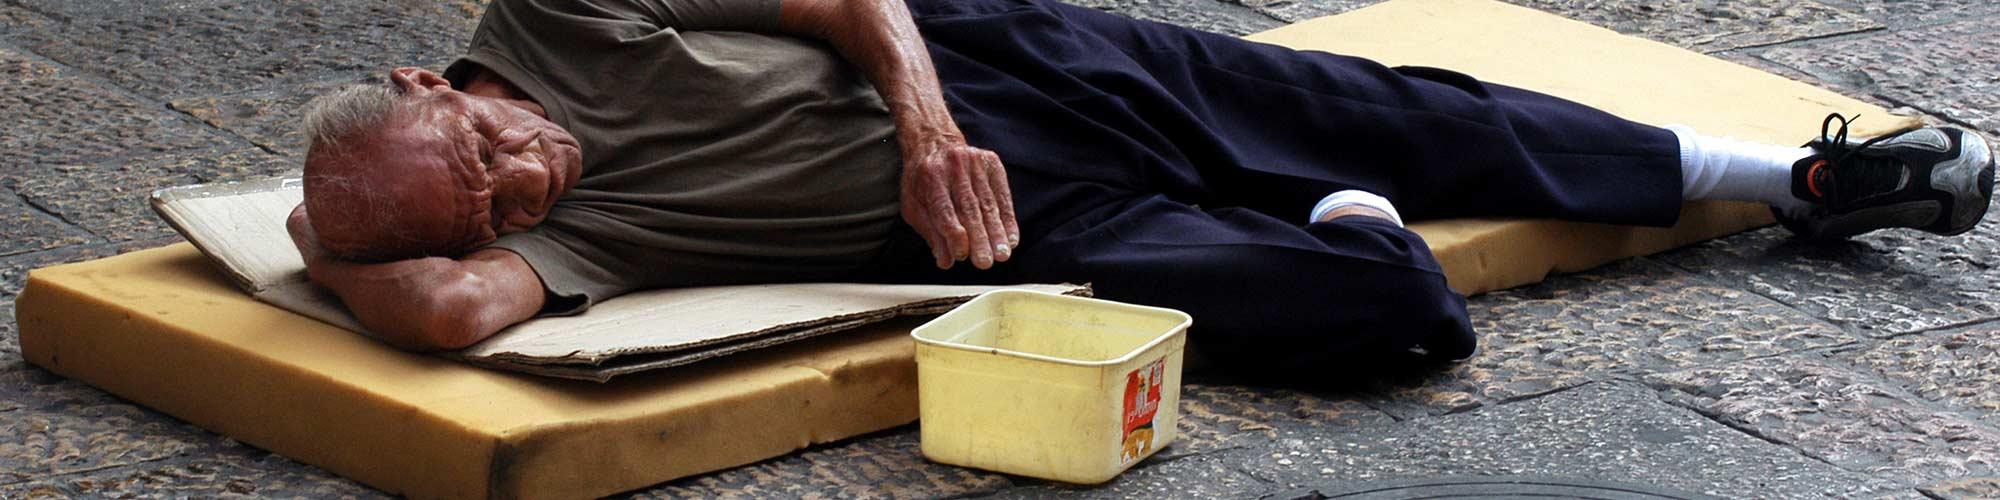 ayuda a personas de la calle